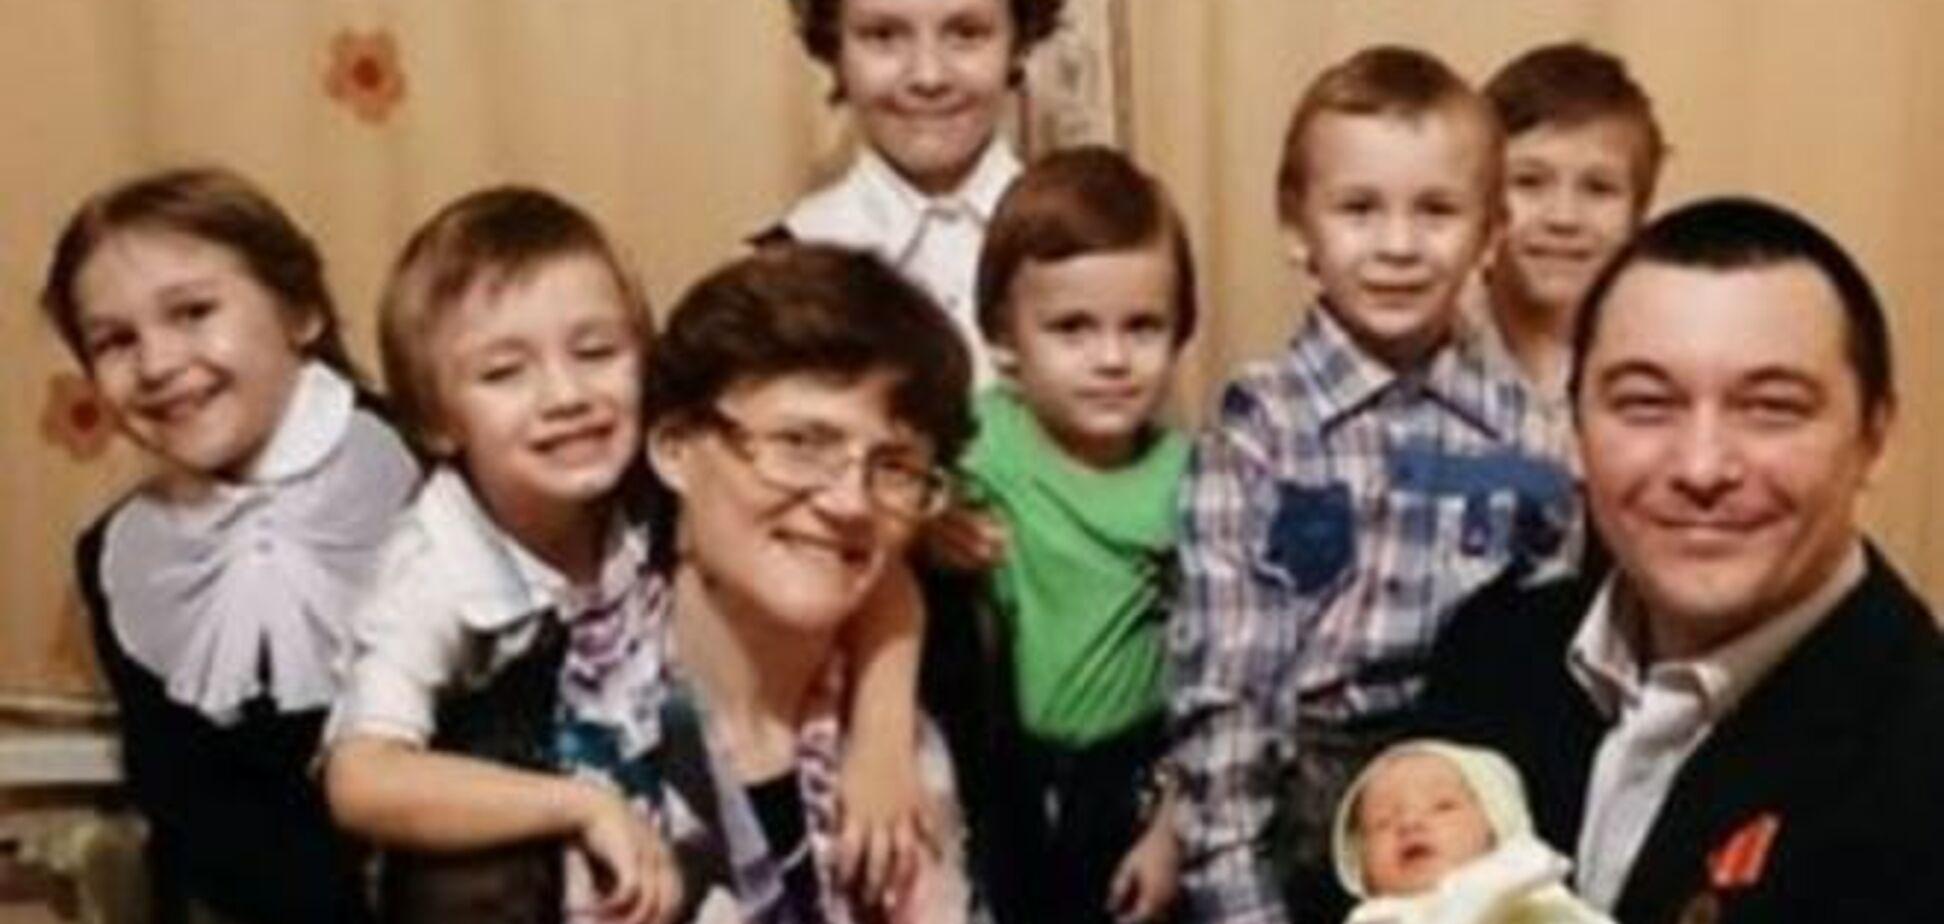 Дело многодетной матери закрыли, чтобы не признавать участие войск РФ на Донбассе – адвокат